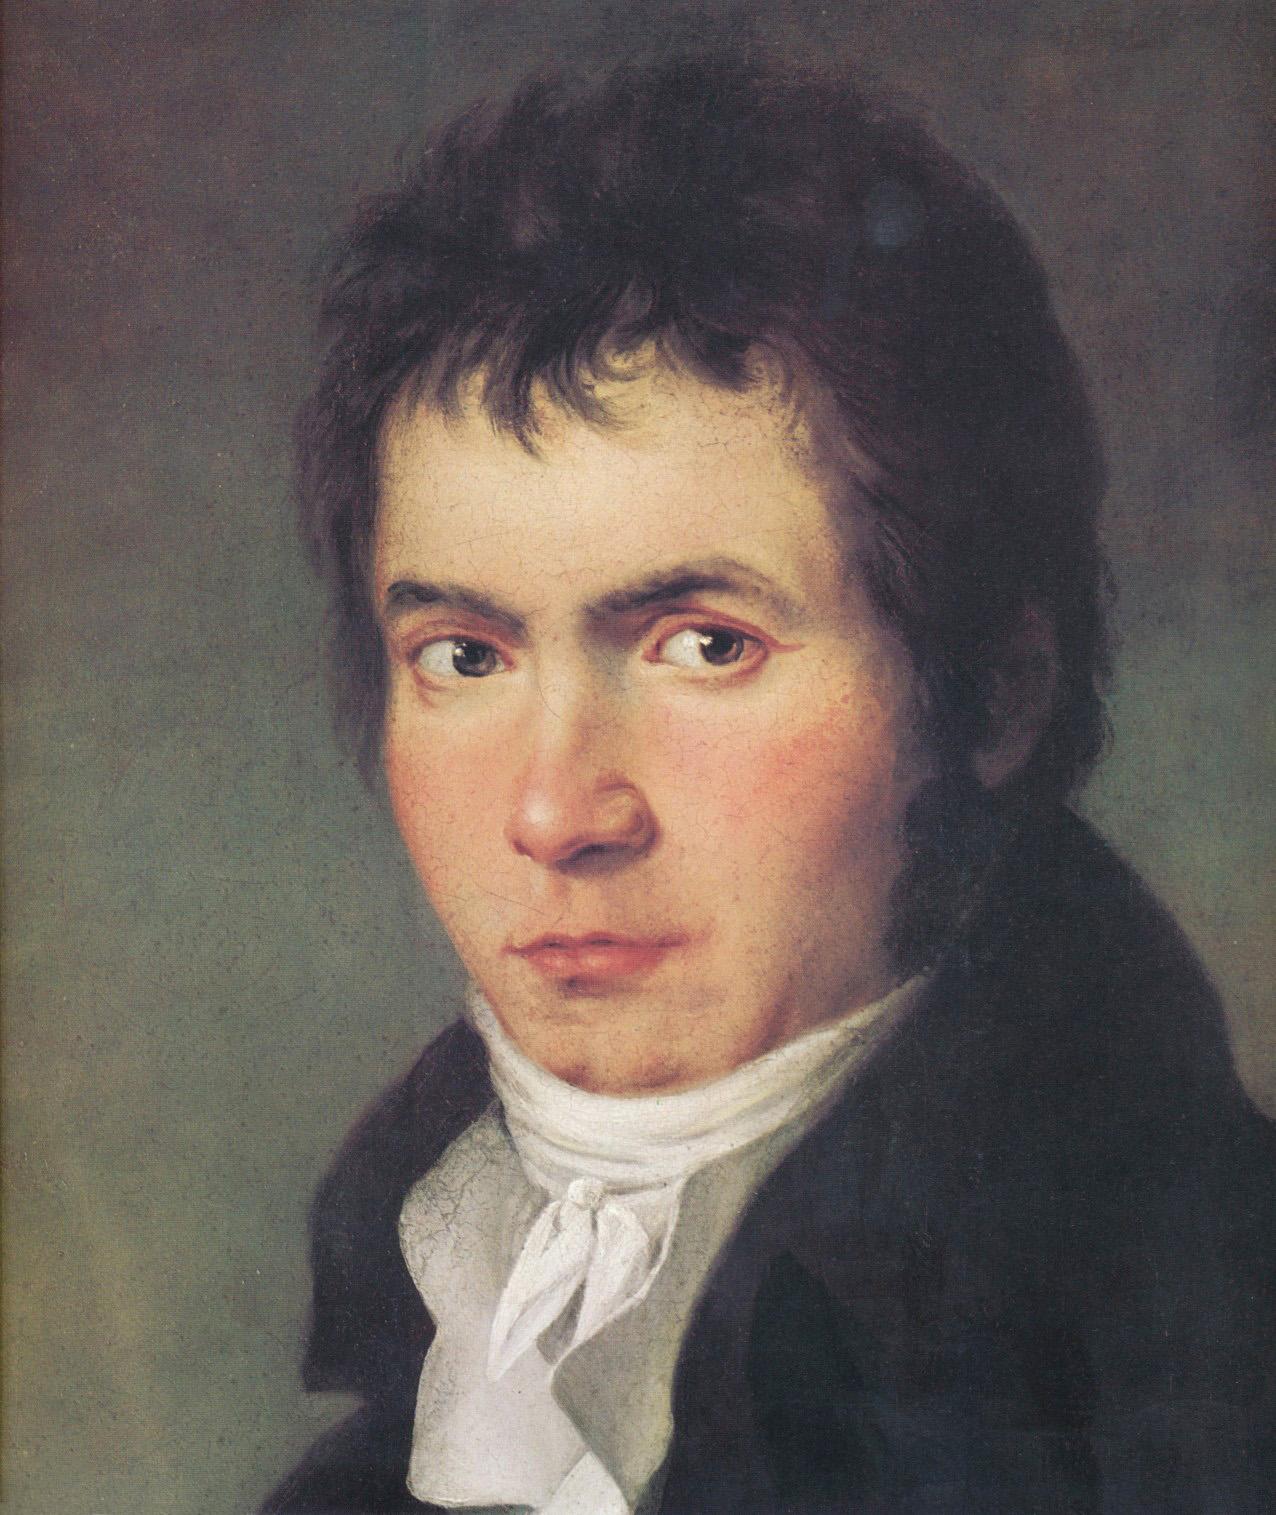 http://3.bp.blogspot.com/-Q4RLqbWrvcQ/T8uSHfQlZGI/AAAAAAAAA5E/GA_b97DgJN0/s1600/Beethoven_3.jpg